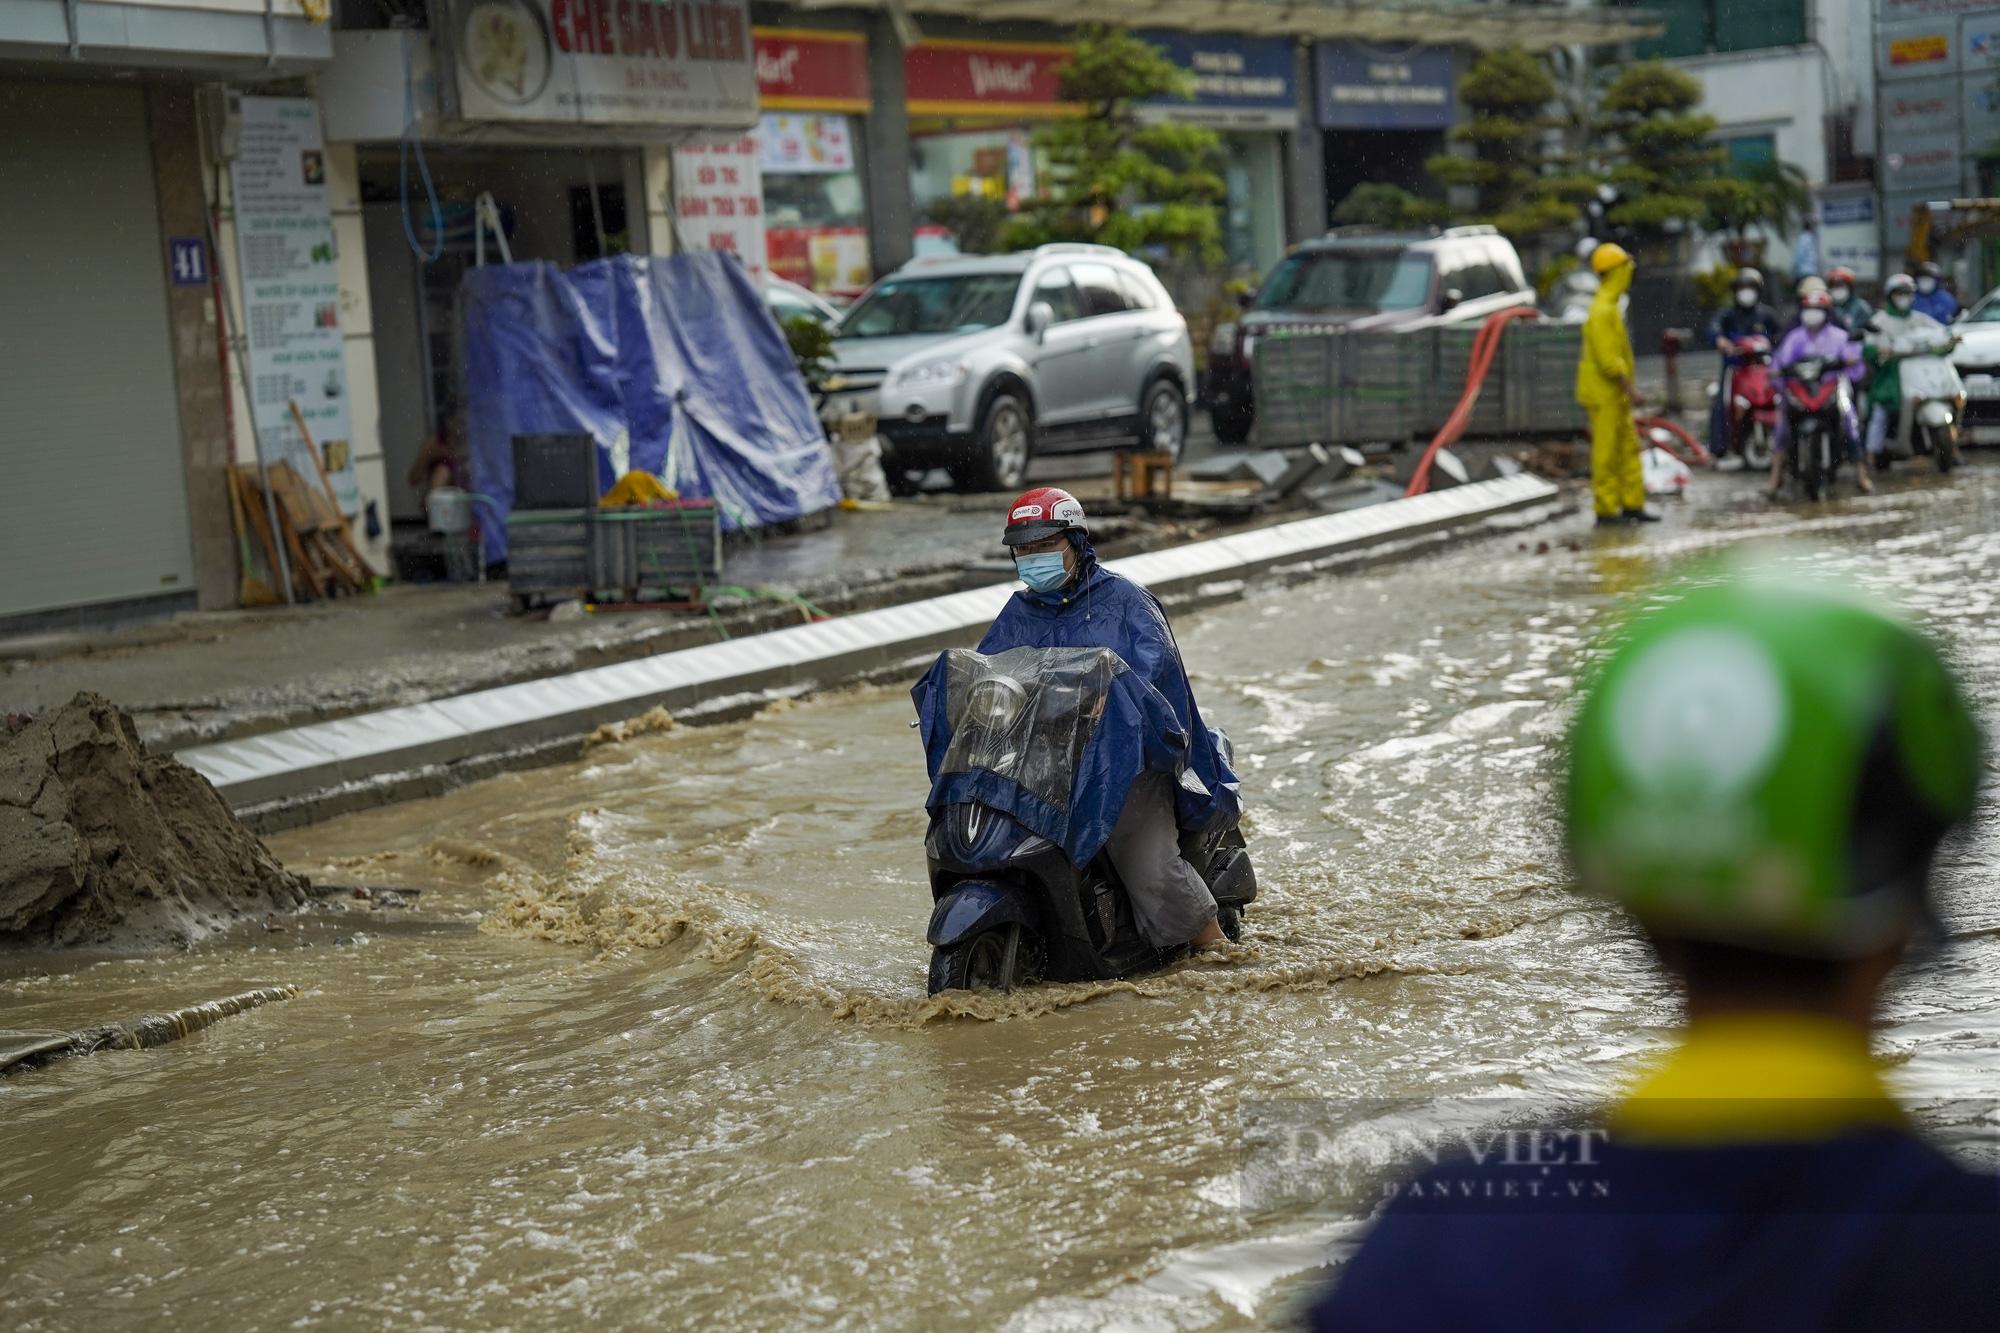 Cơn mưa chiều khiến Hà Nội chìm trong nước - Ảnh 2.